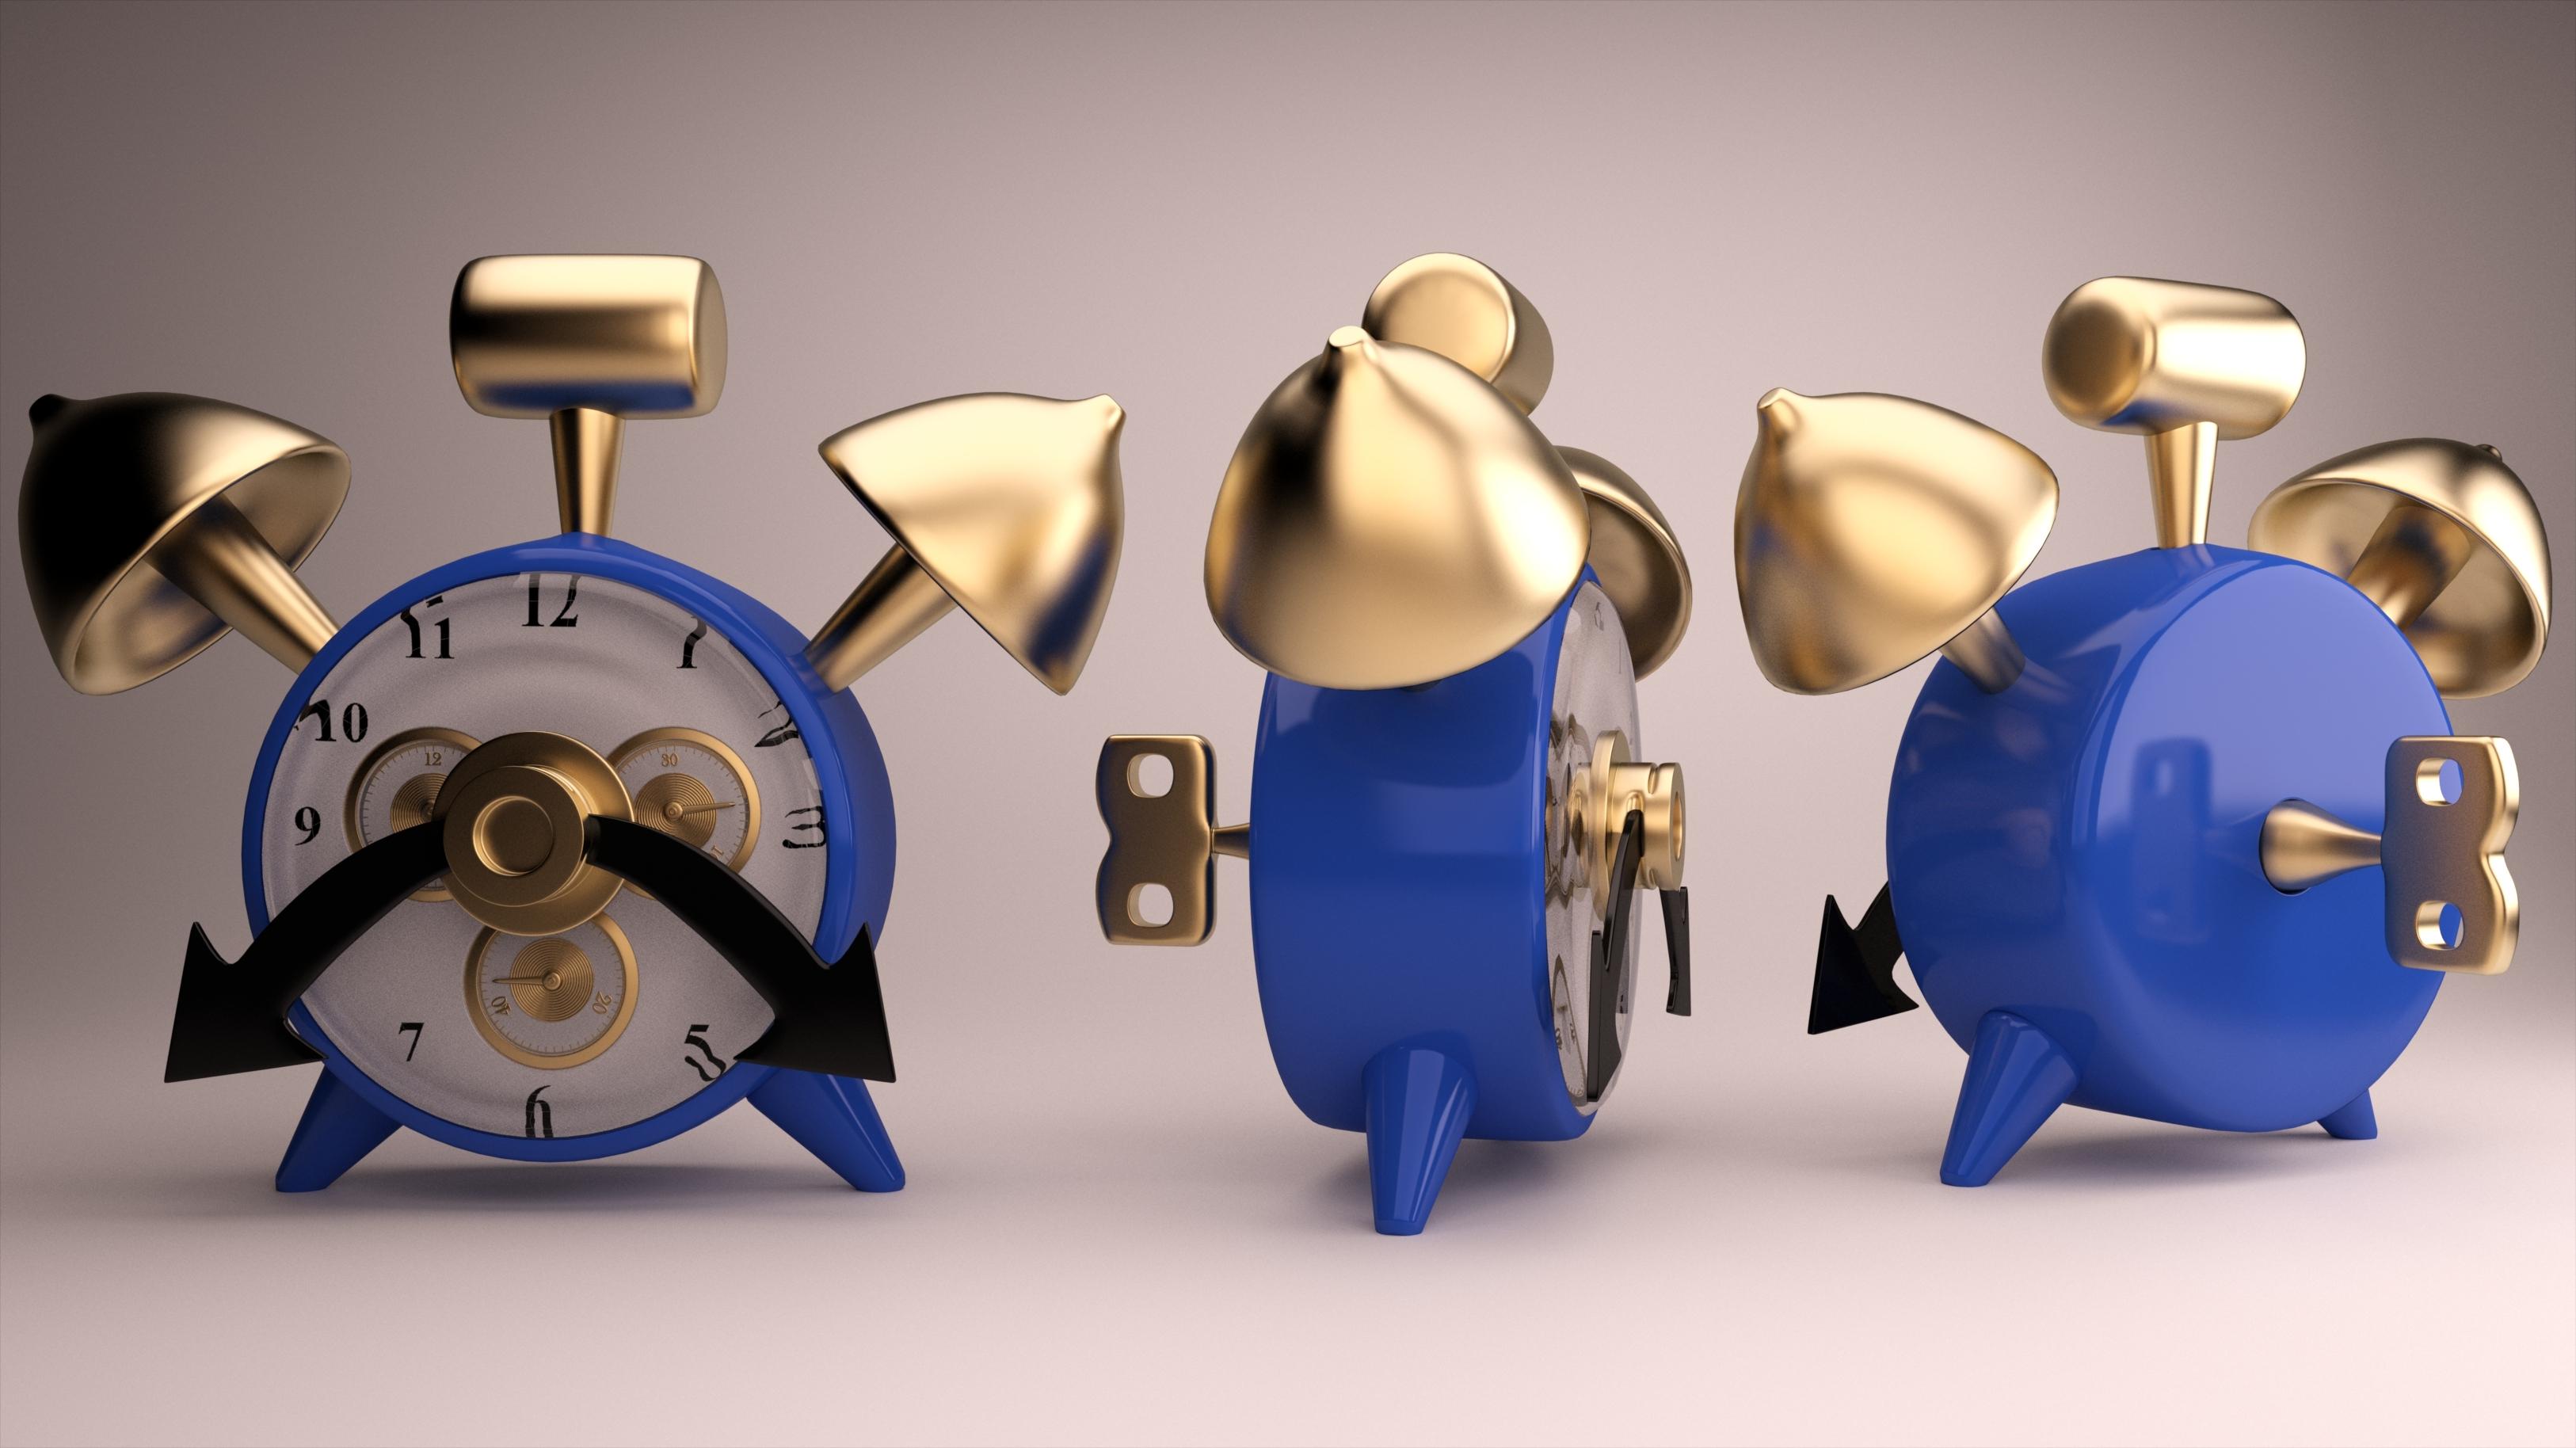 3DOcean Toonish Alarm Clock 3D Models -  Deco Objects 1952587